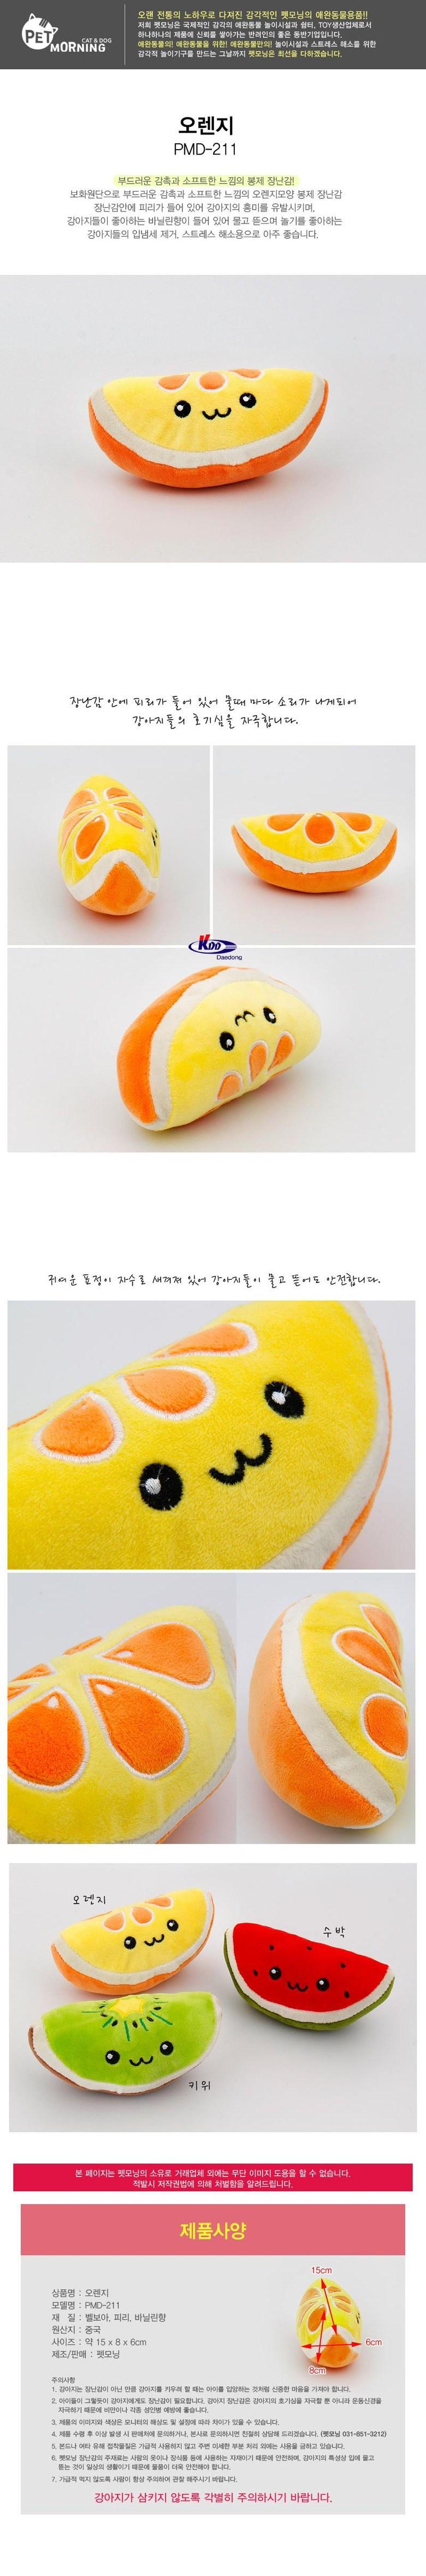 펫모닝 소리나는장난감 오렌지 (바닐라향)-상품이미지-0